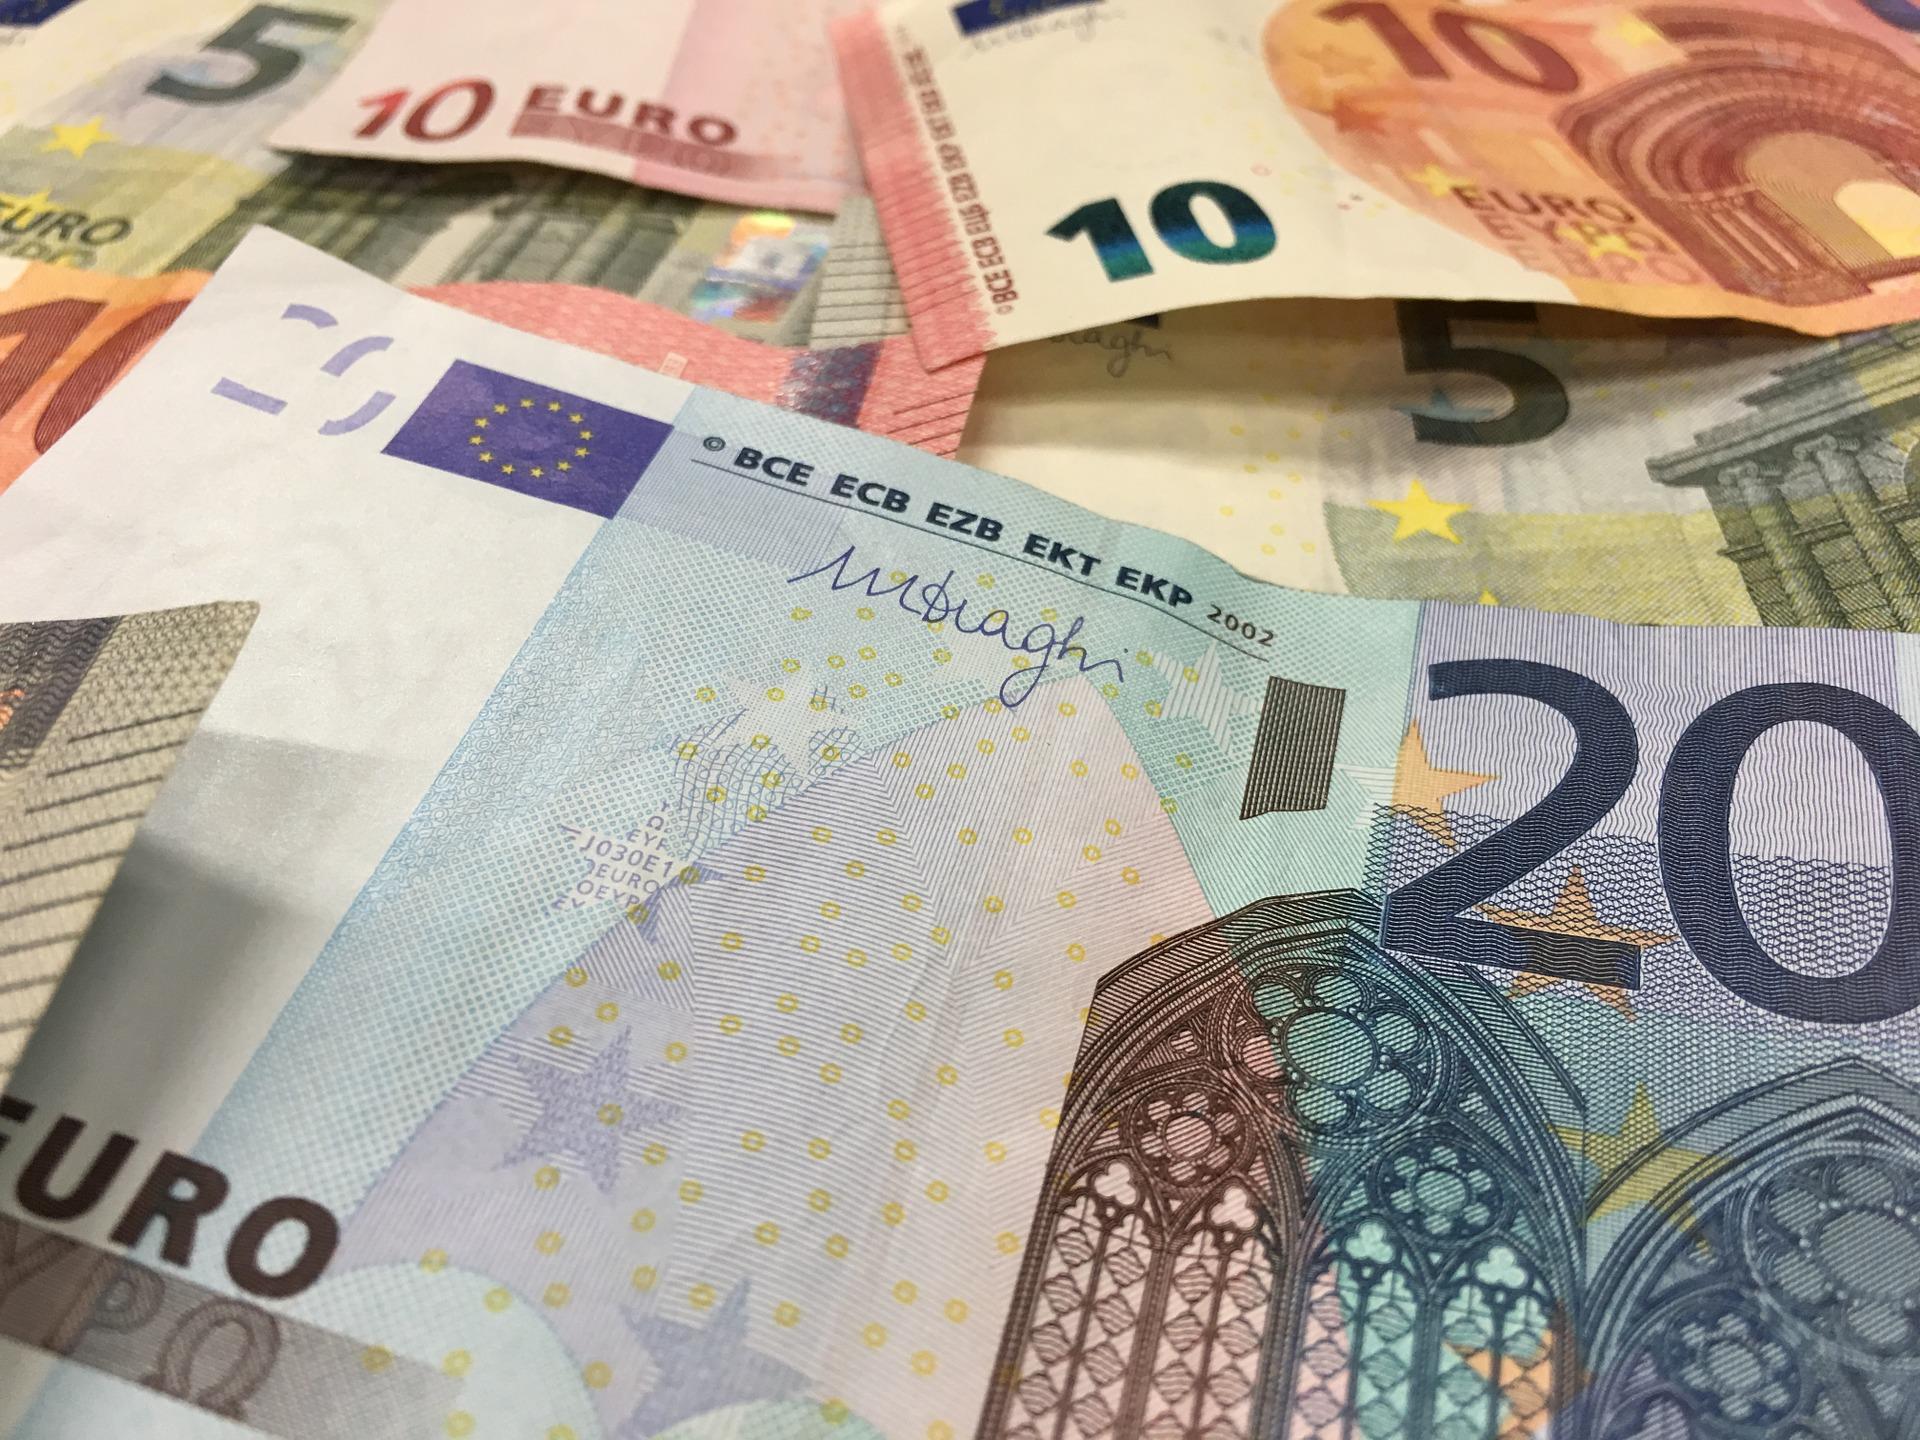 Preise, Prämien und Pokale: Was die Gruppenkasse ausschüttet